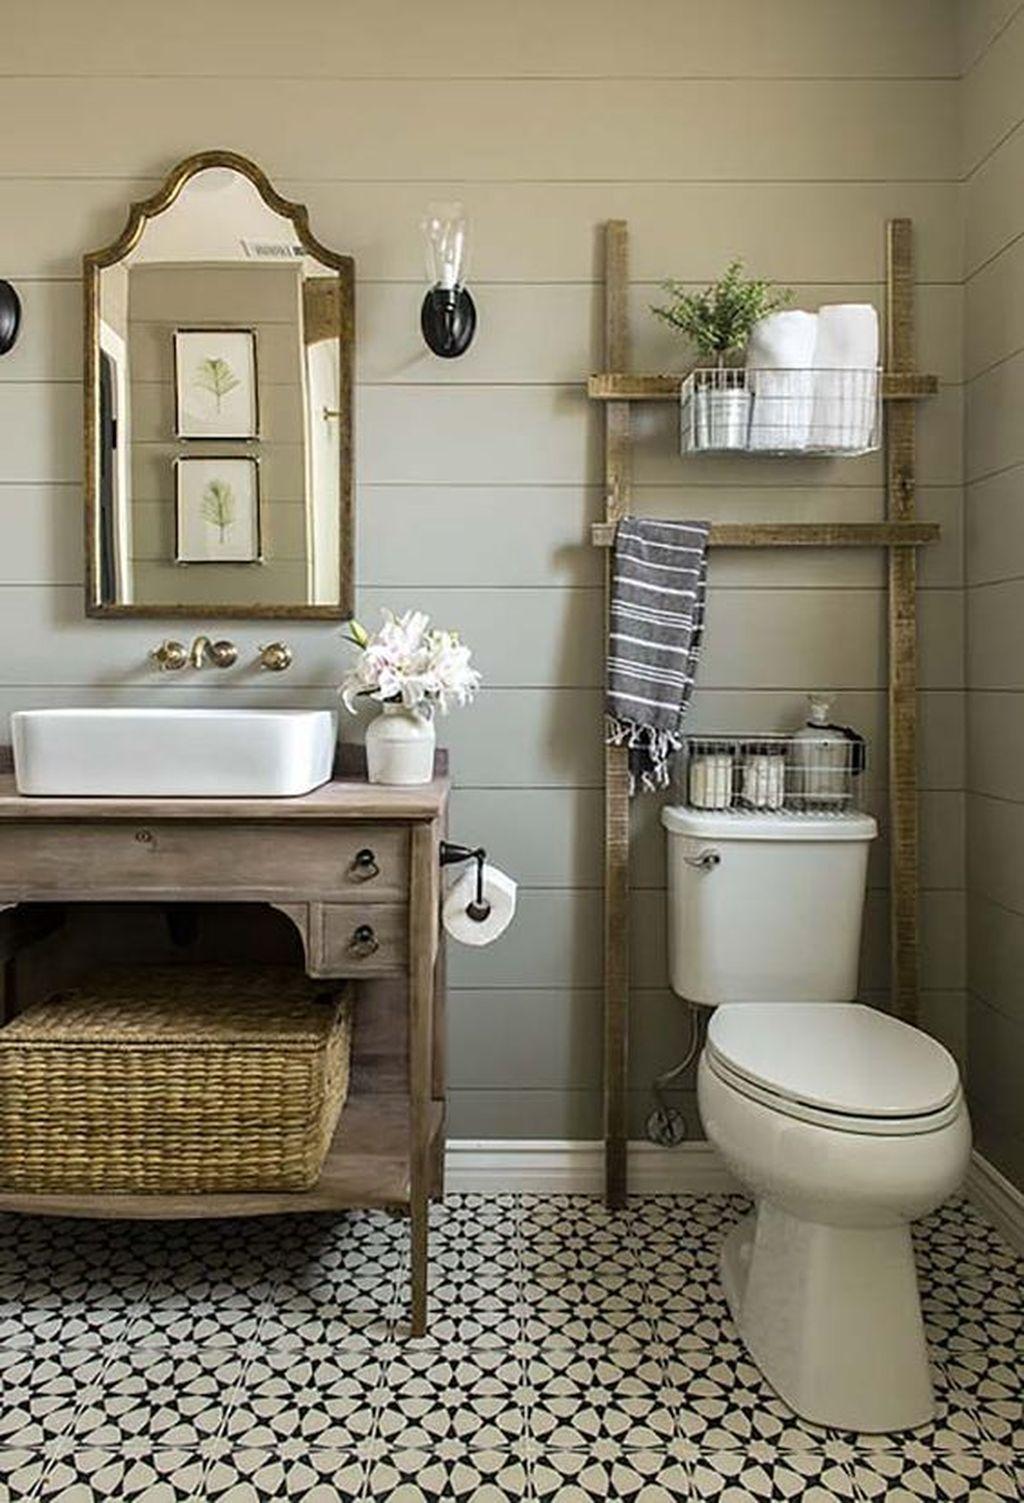 43 Beautiful Farmhouse Bathroom Decor Ideas You Will Go Crazy For 5 In 2020 Farmhouse Bathroom Decor Small Bathroom Remodel Bathroom Design